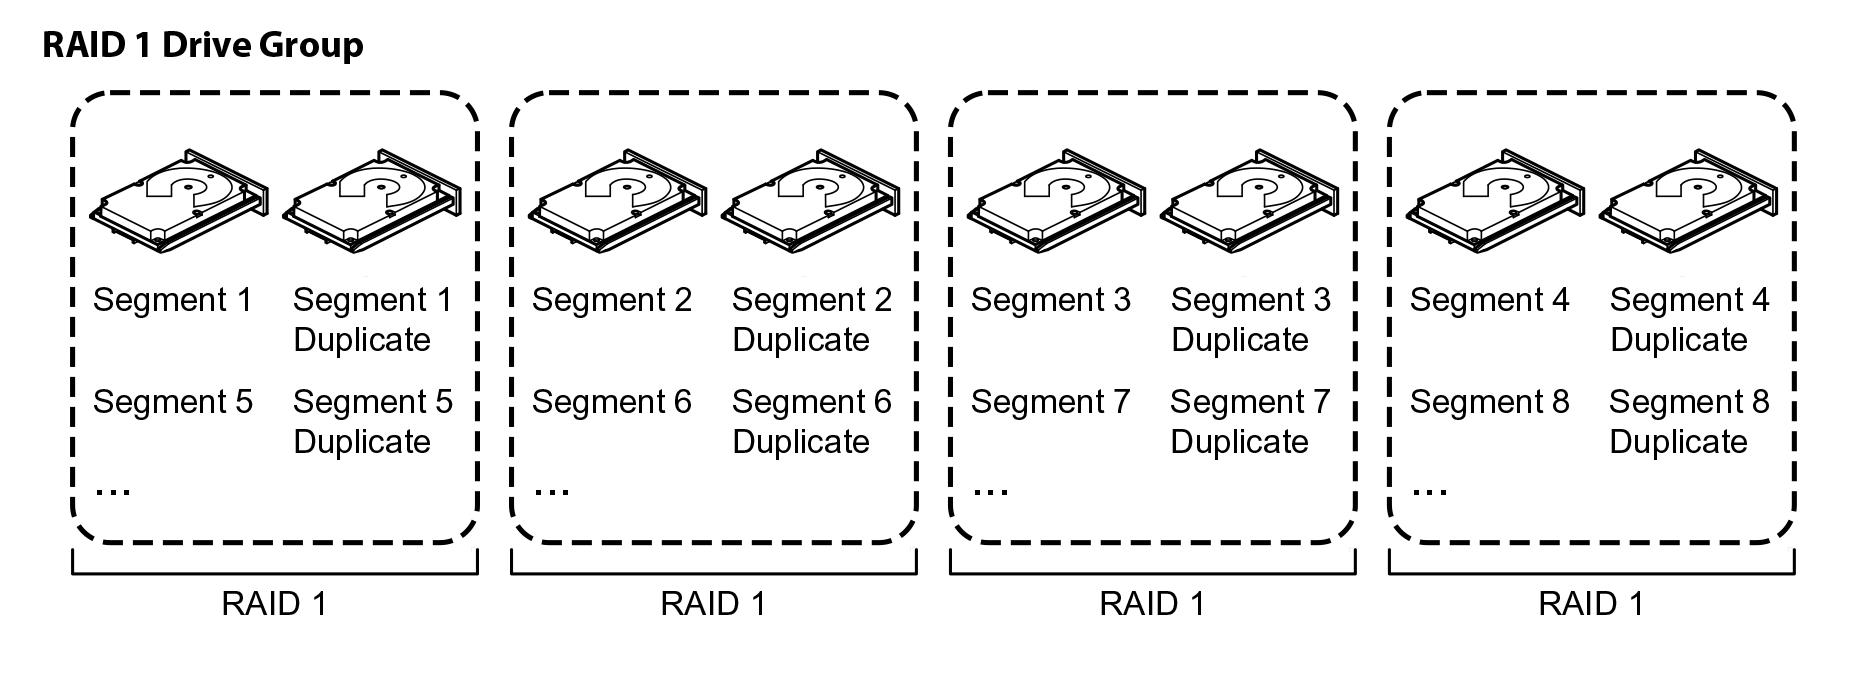 Делимся опытом, как показывают себя SSD в рамках RAID и какой уровень массива выгоднее - 4